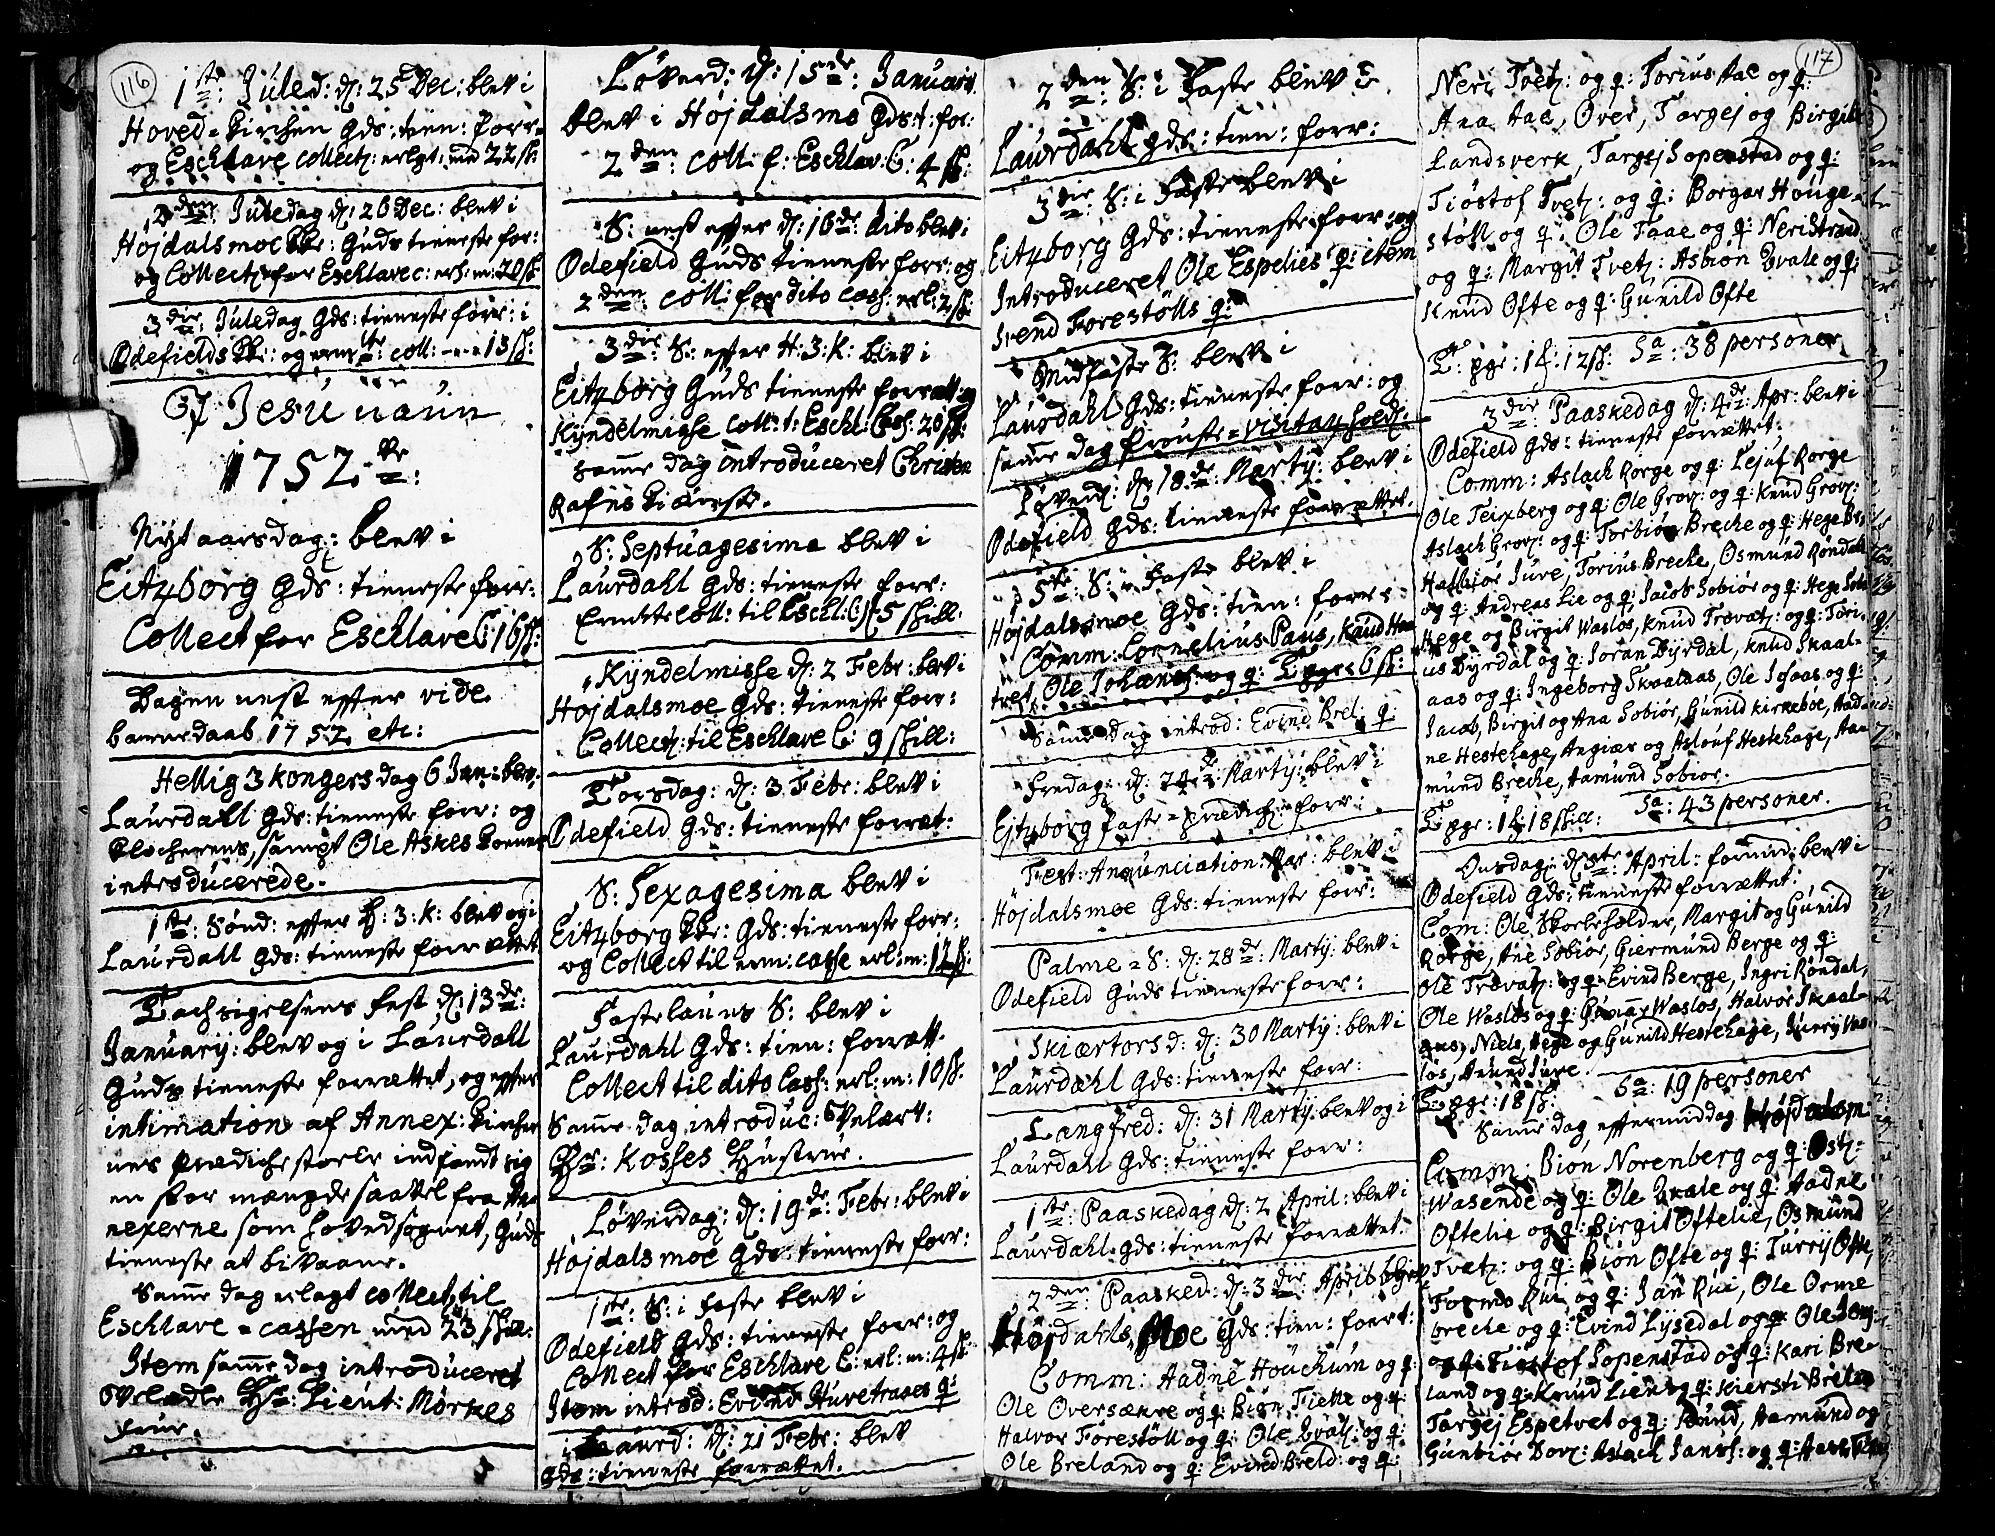 SAKO, Lårdal kirkebøker, F/Fa/L0002: Ministerialbok nr. I 2, 1734-1754, s. 116-117